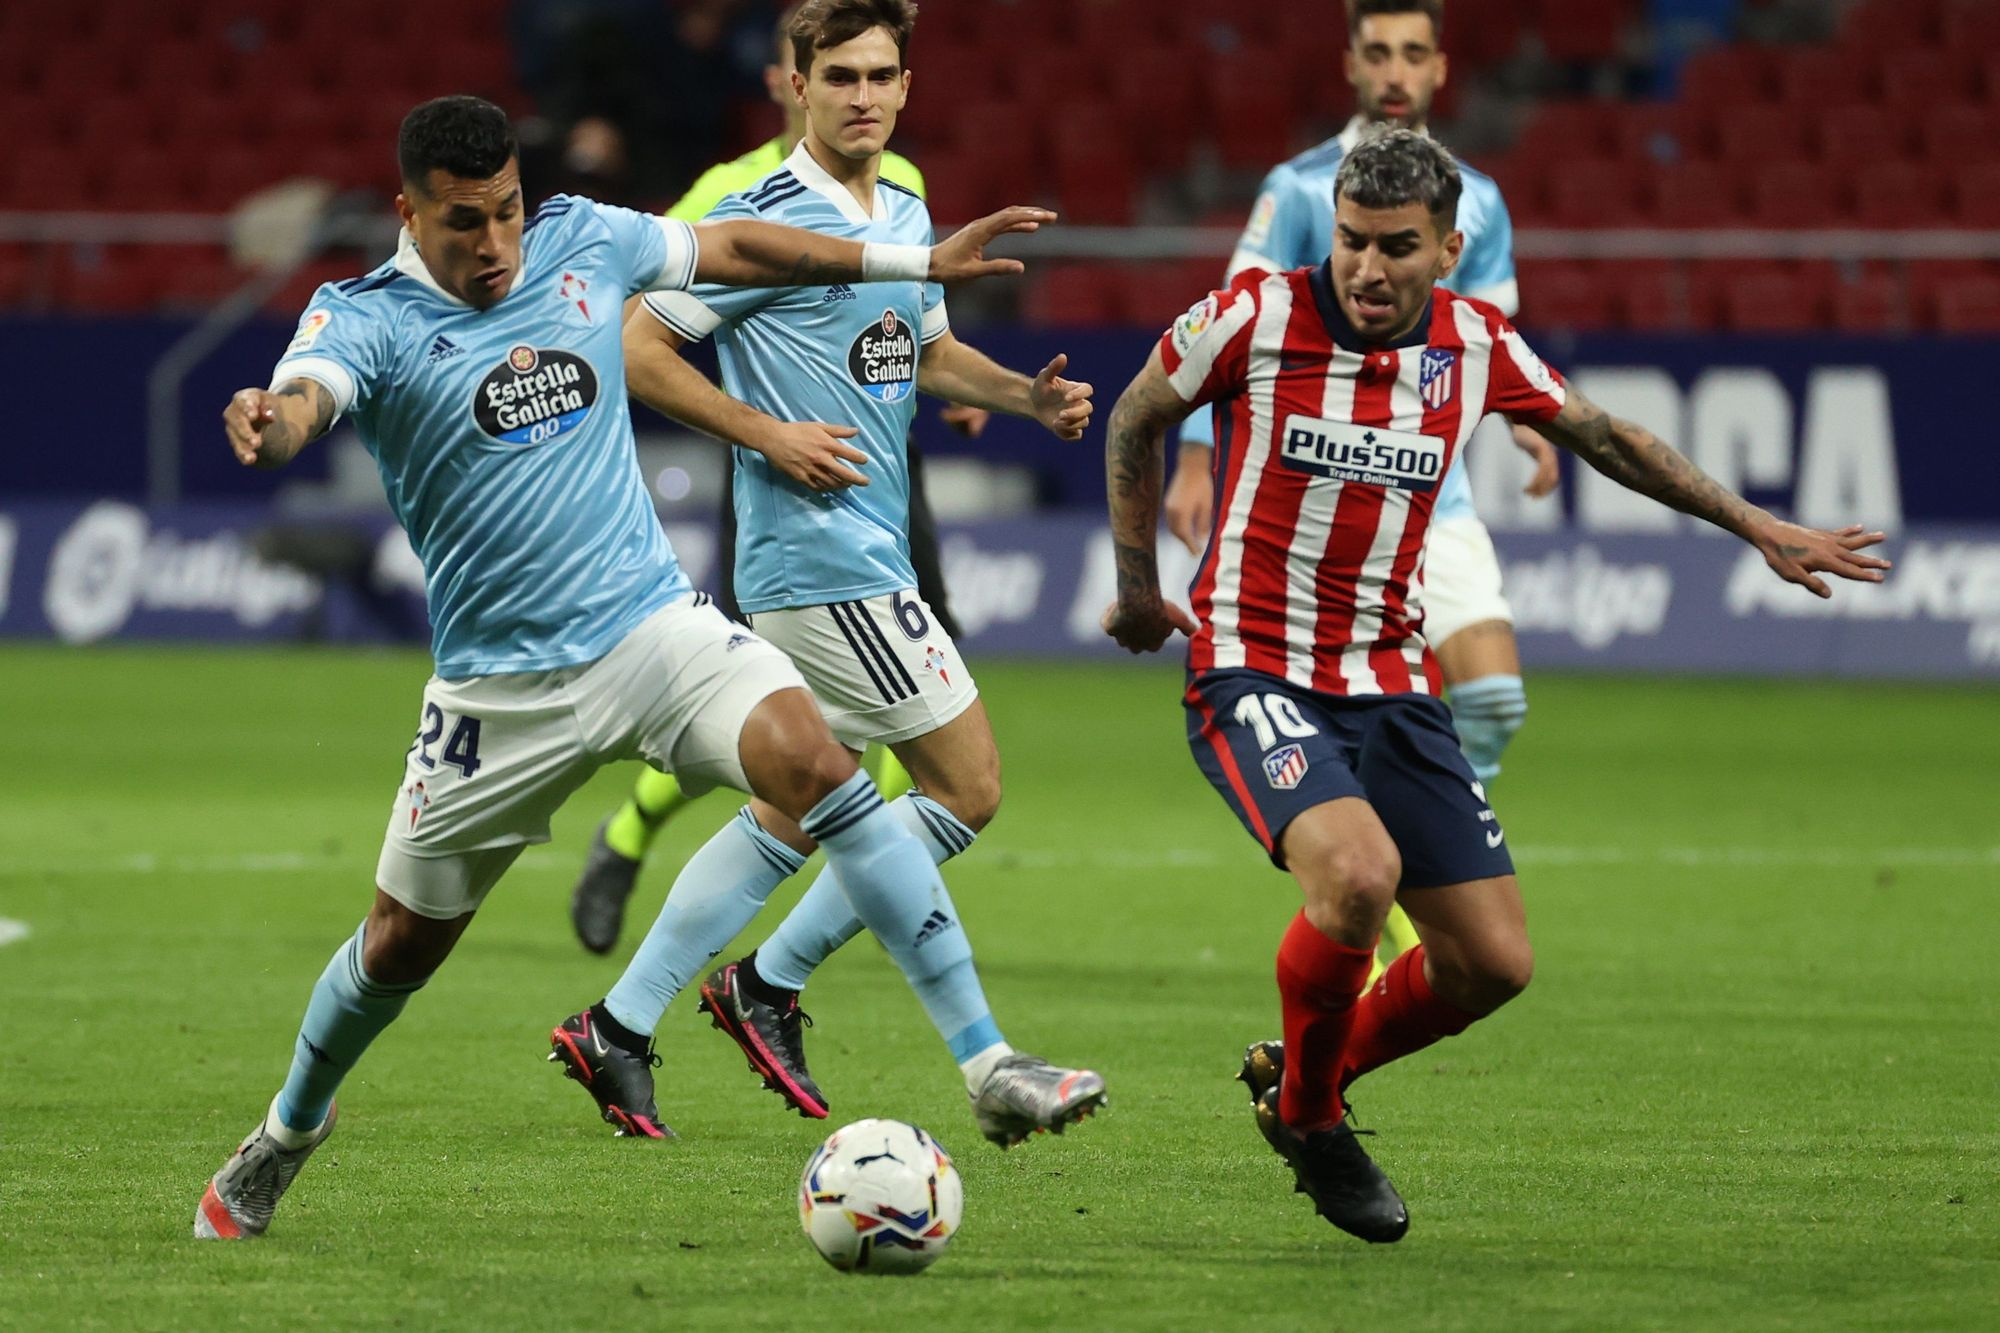 Las fotos del Atlético de Madrid - Celta en el Metropolitano